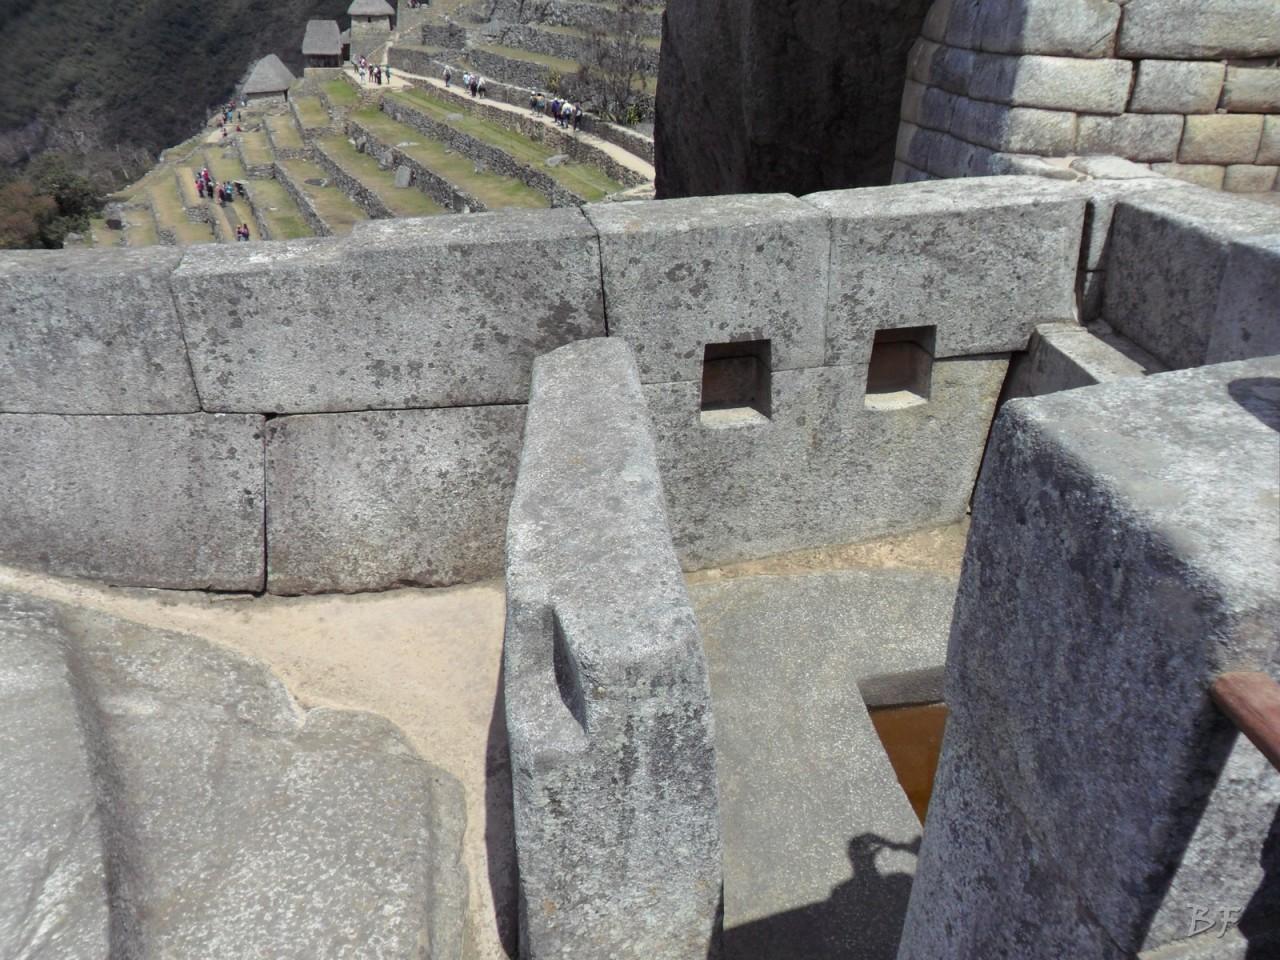 Mura-Poligonali-Incisioni-Altari-Edifici-Rupestri-Megaliti-Machu-Picchu-Aguas-Calientes-Urubamba-Cusco-Perù-149